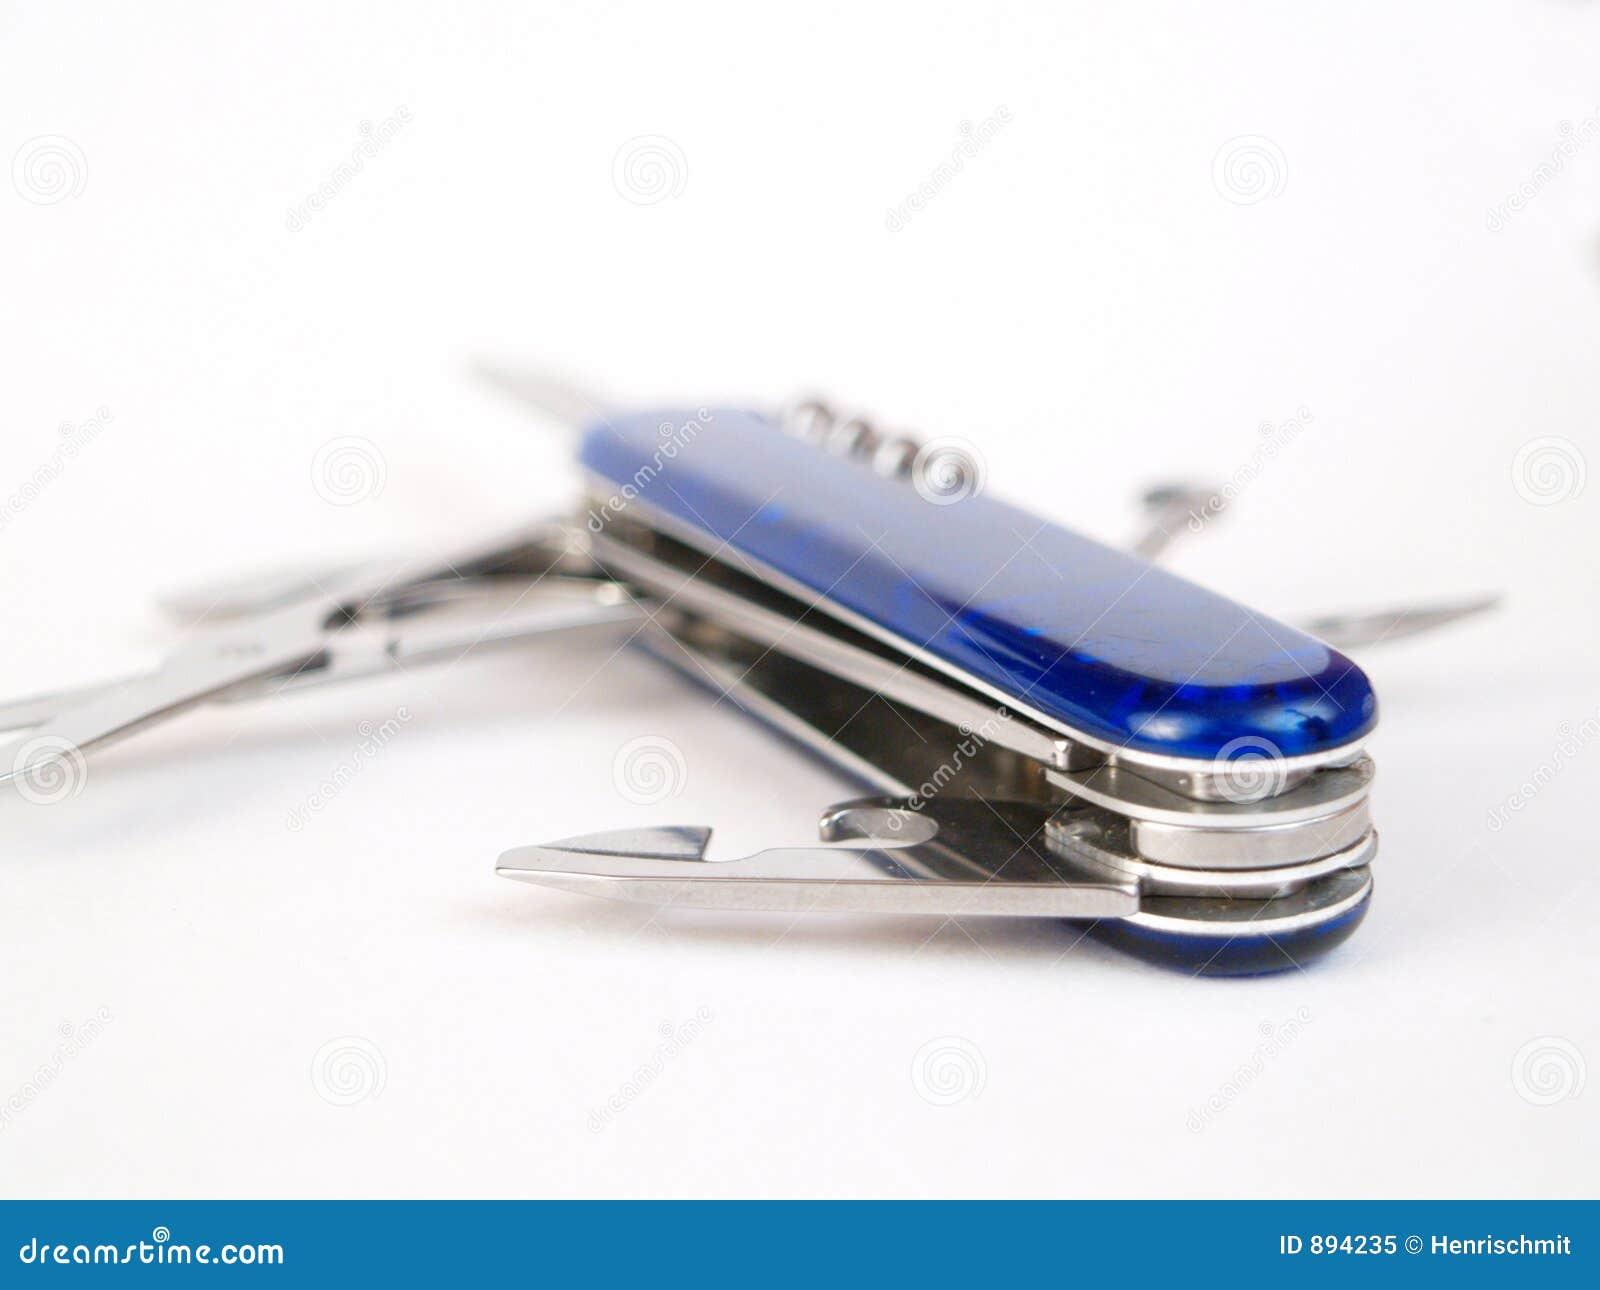 Szwajcarskie noże